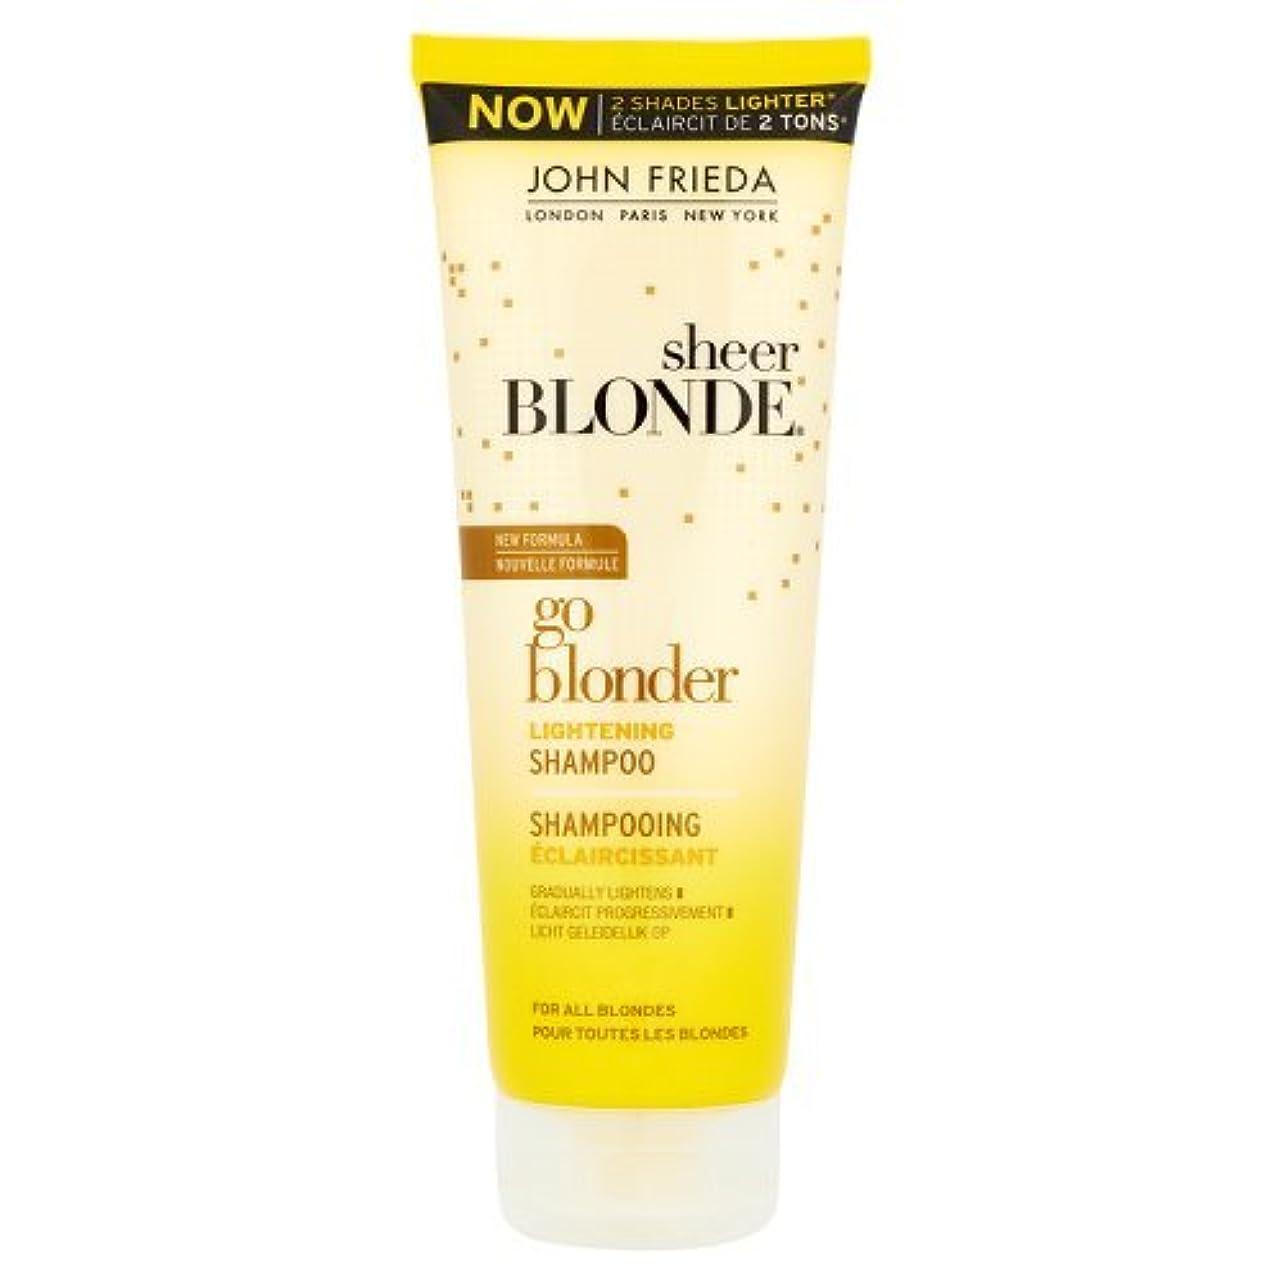 真剣に疎外する動物園John Frieda Sheer Blonde Go Blonder Lightening Shampoo 250ml